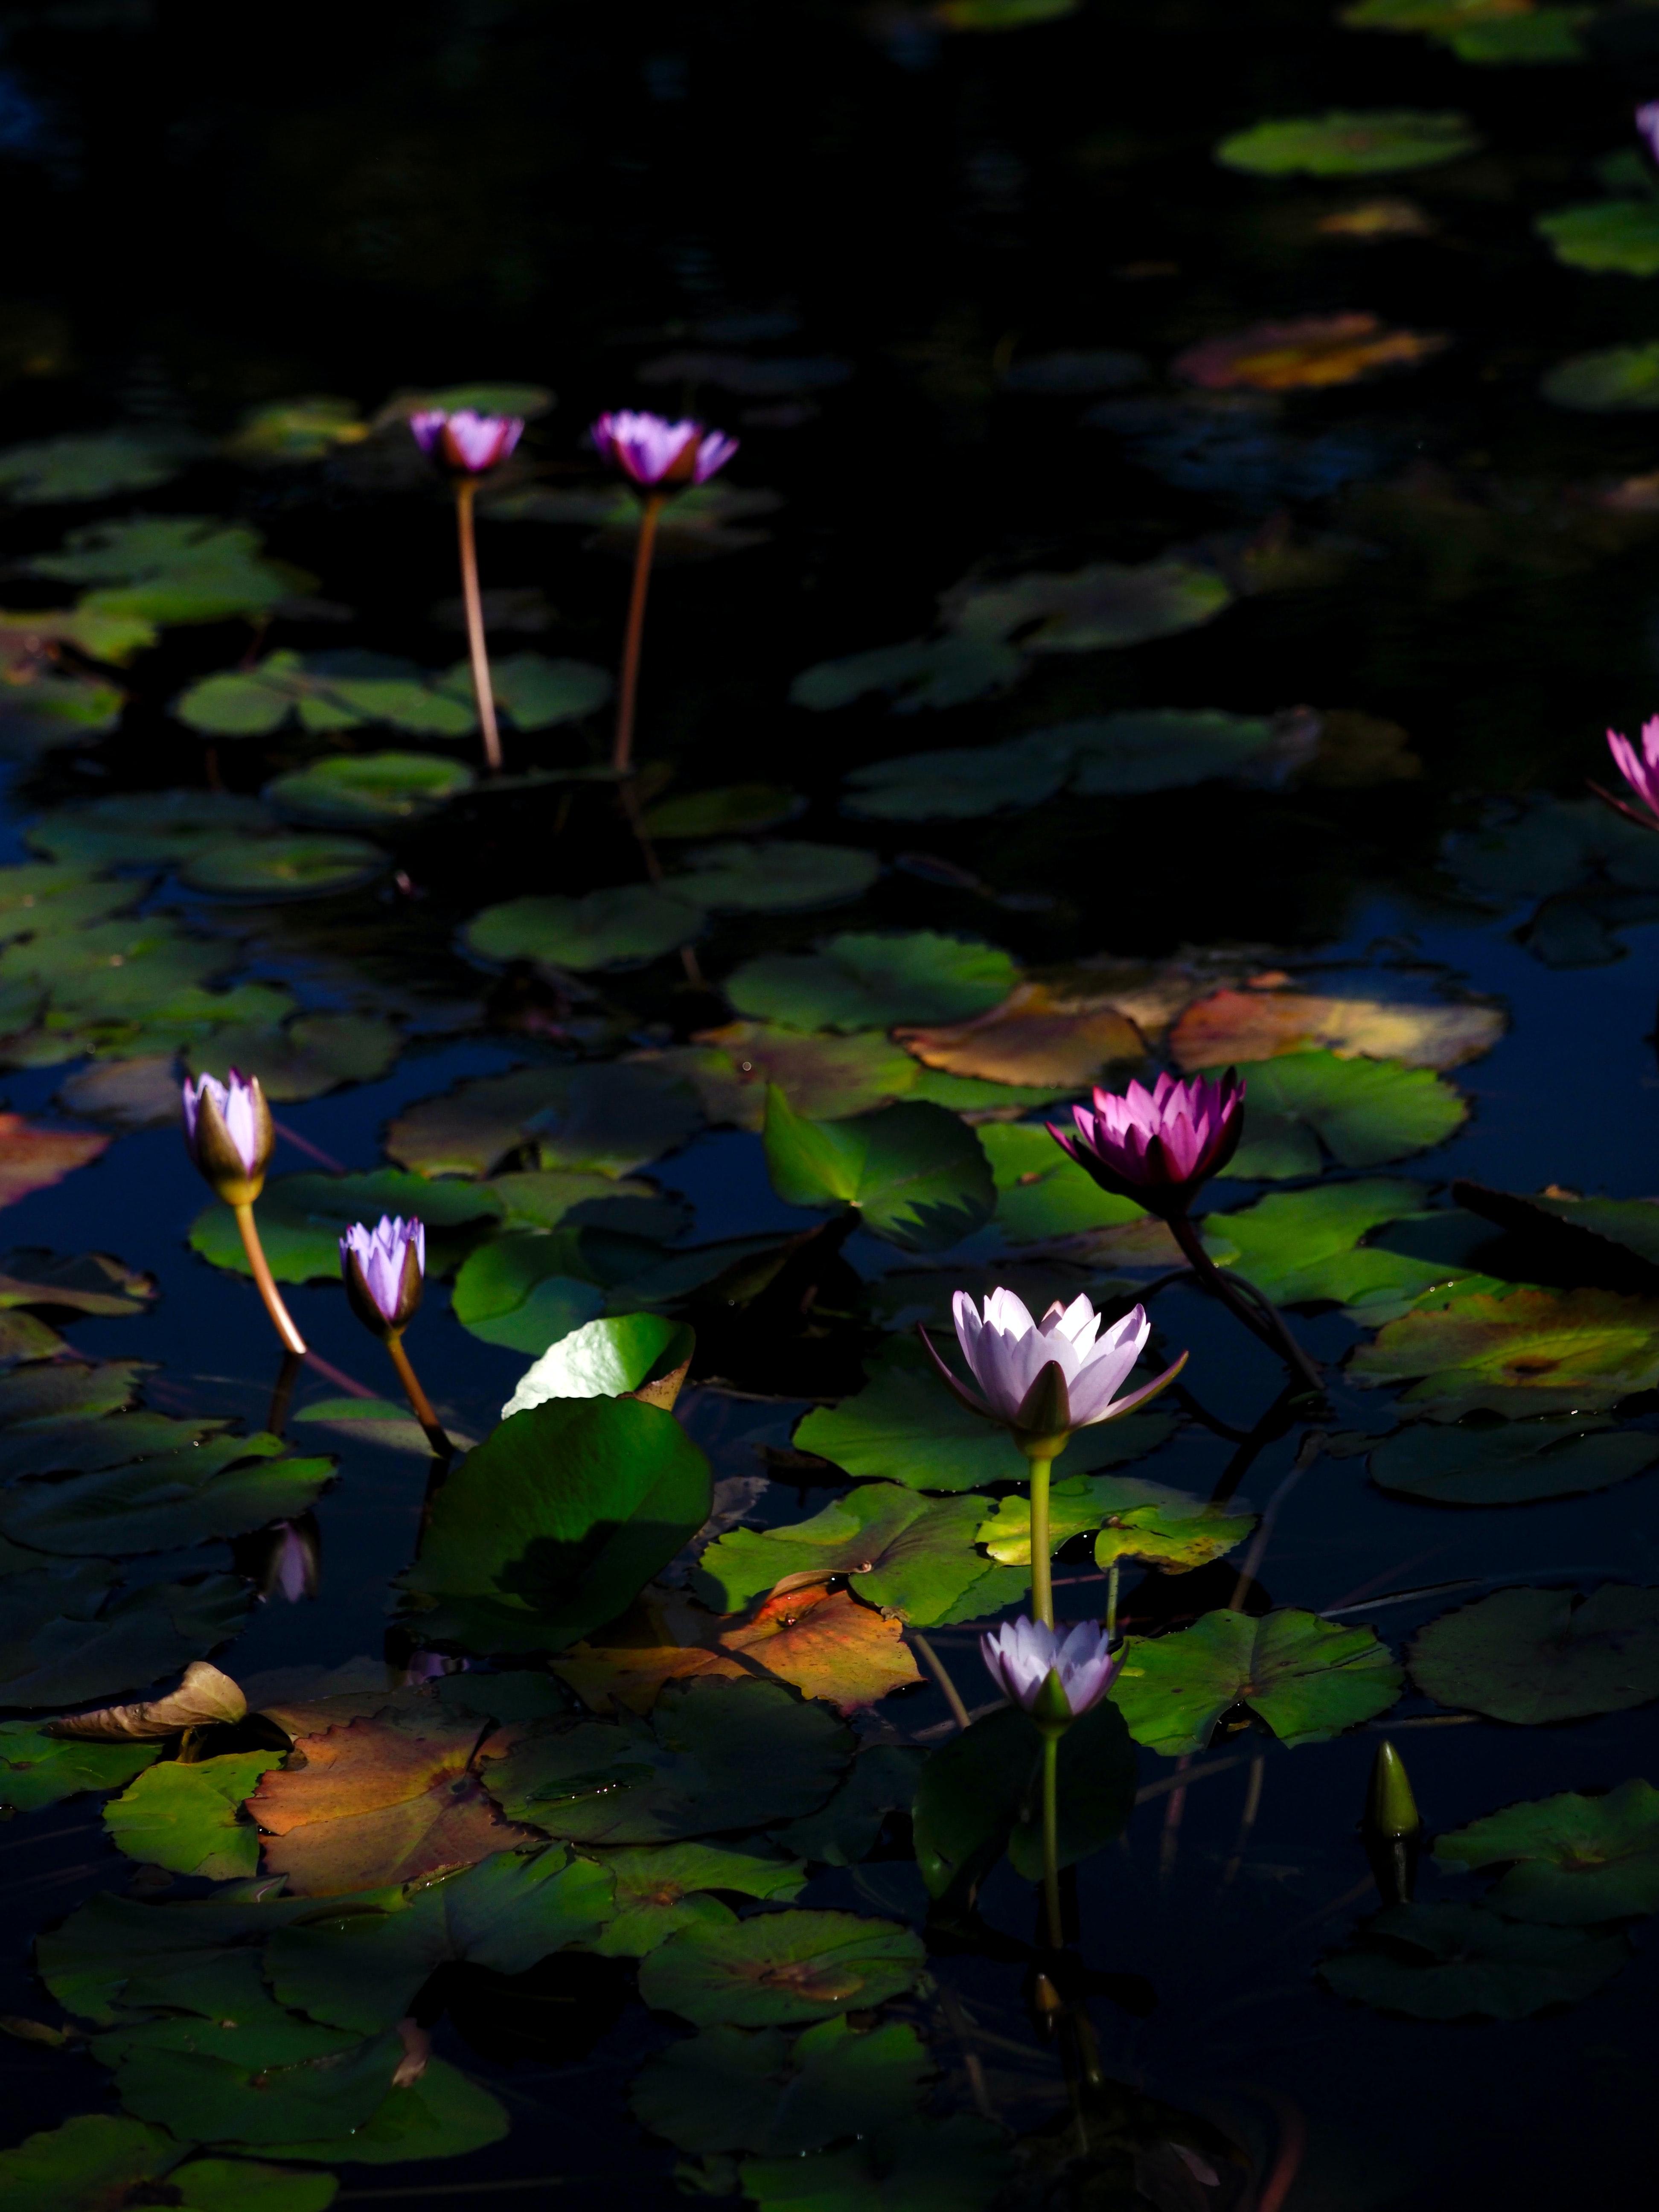 116421 скачать обои Цветы, Кувшинки, Растения, Вода - заставки и картинки бесплатно